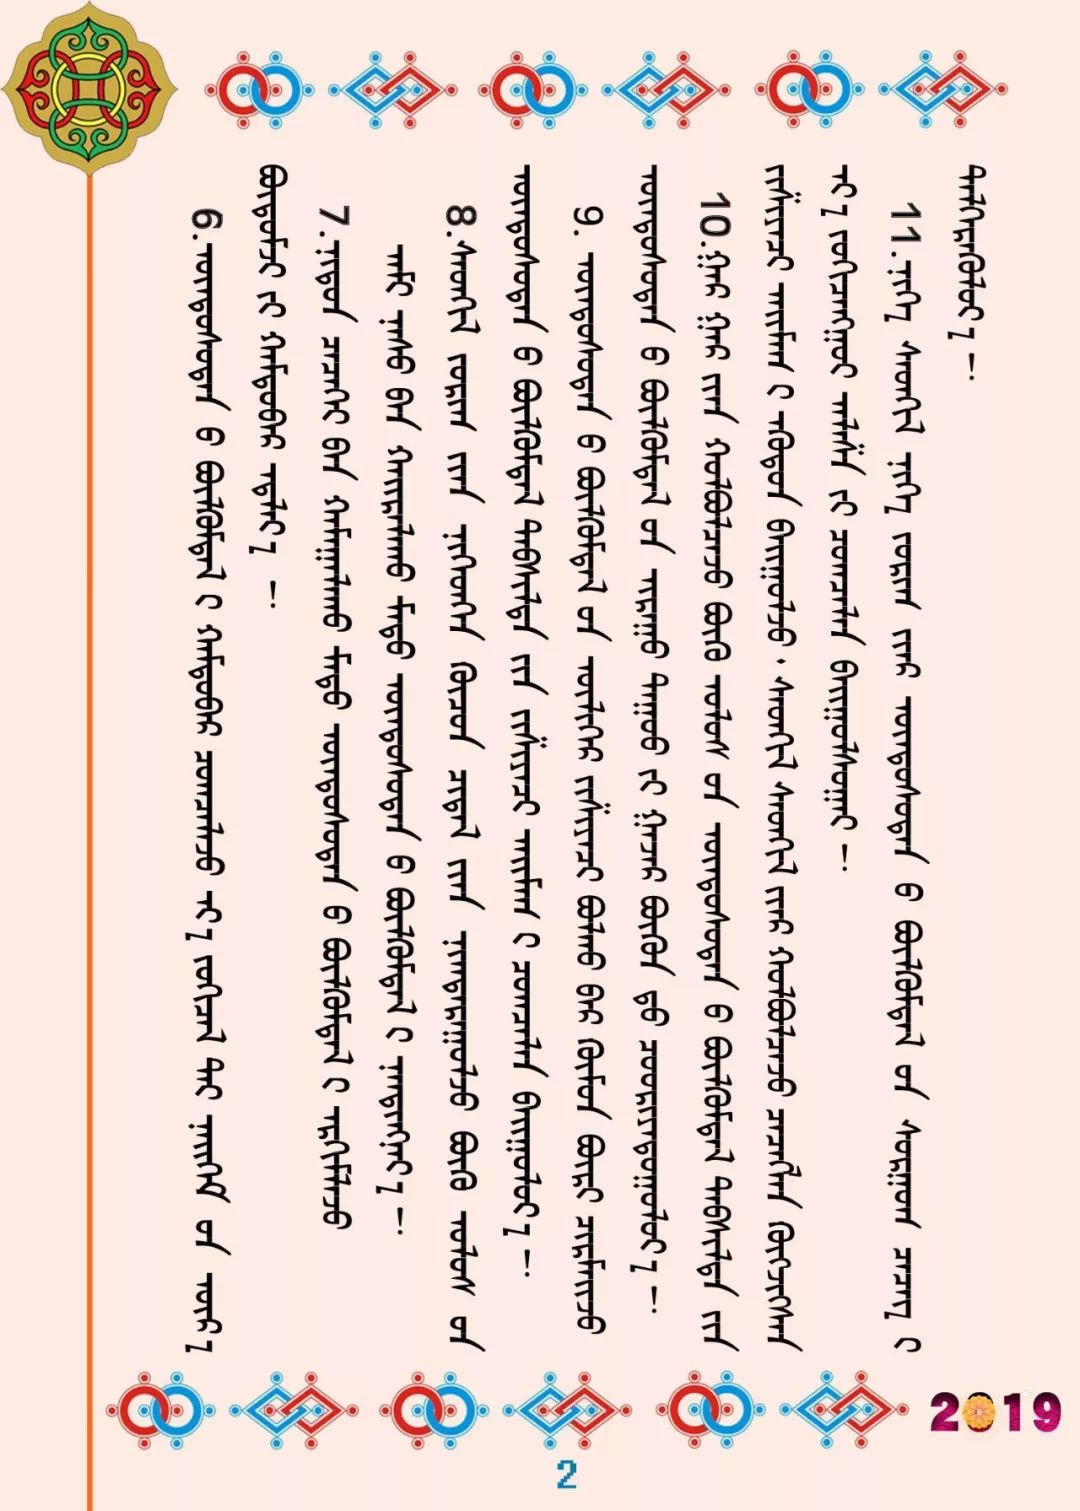 【蒙古文】阿拉善盟民族团结进步宣传标语(蒙汉双语) 第2张 【蒙古文】阿拉善盟民族团结进步宣传标语(蒙汉双语) 蒙古文库